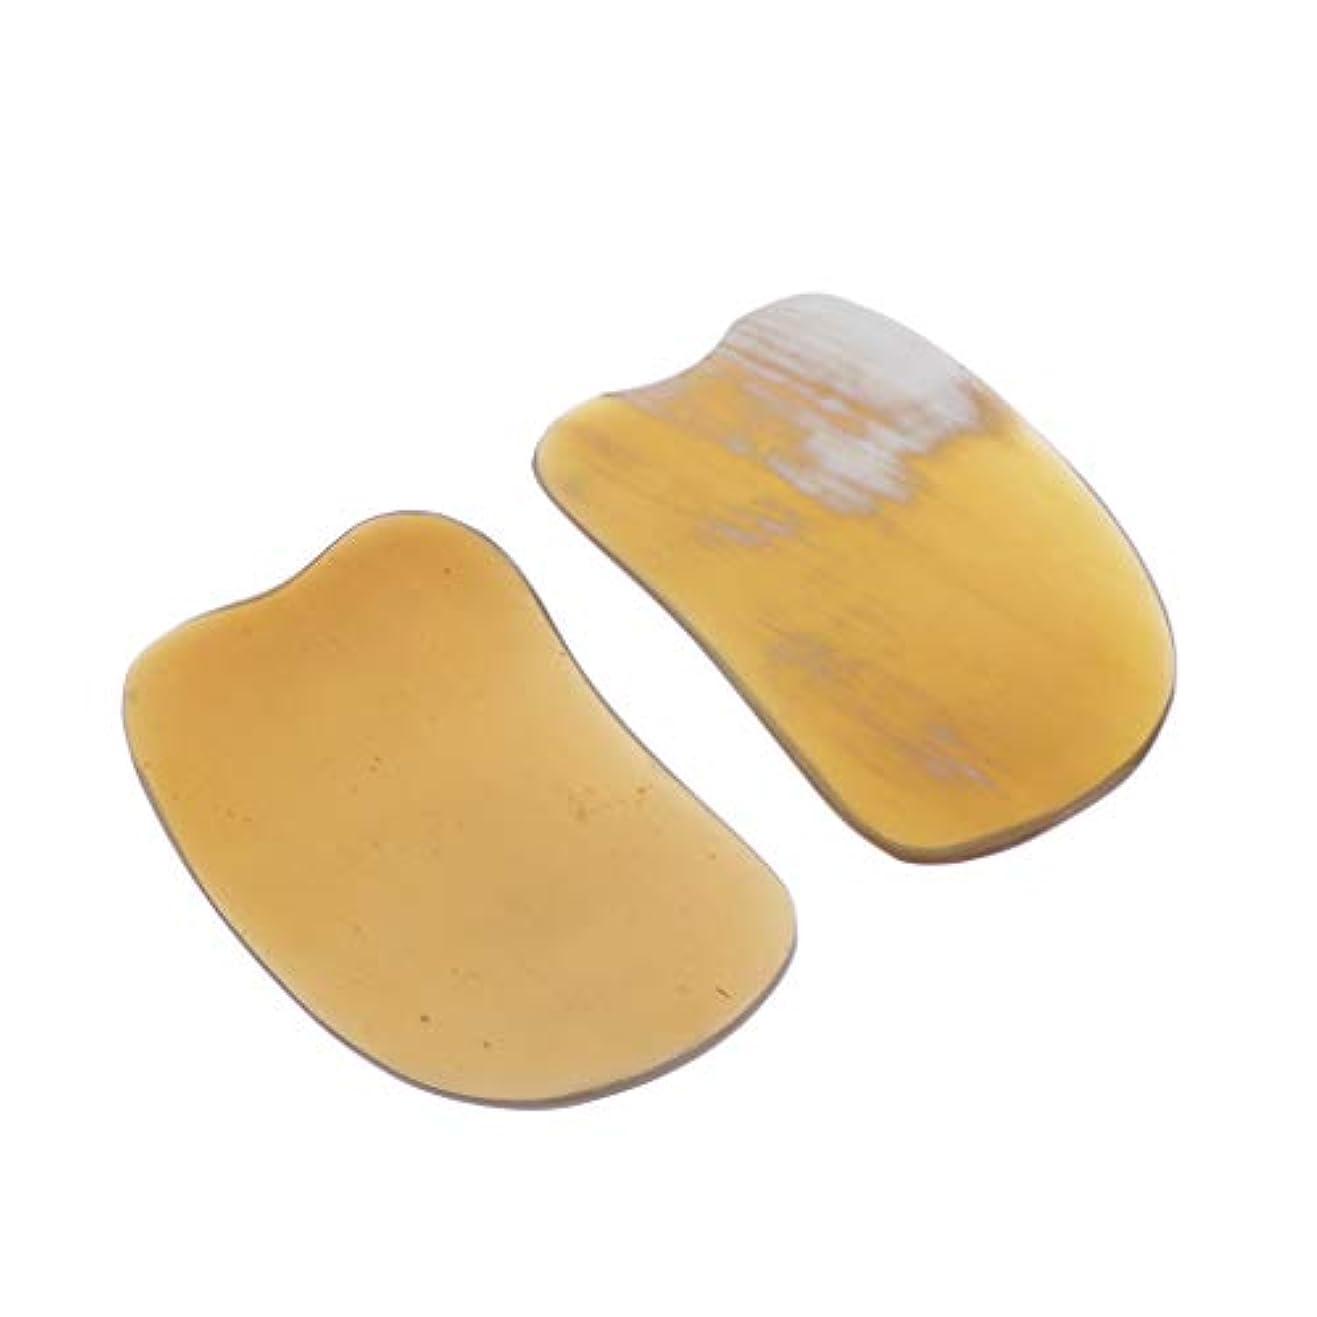 アパートビーチゴミ箱を空にするP Prettyia ナチュラル ボディフェイシャルグアシャ 削り盤ハンドヘルドスパ マッサージツール 全4サイズ - 02